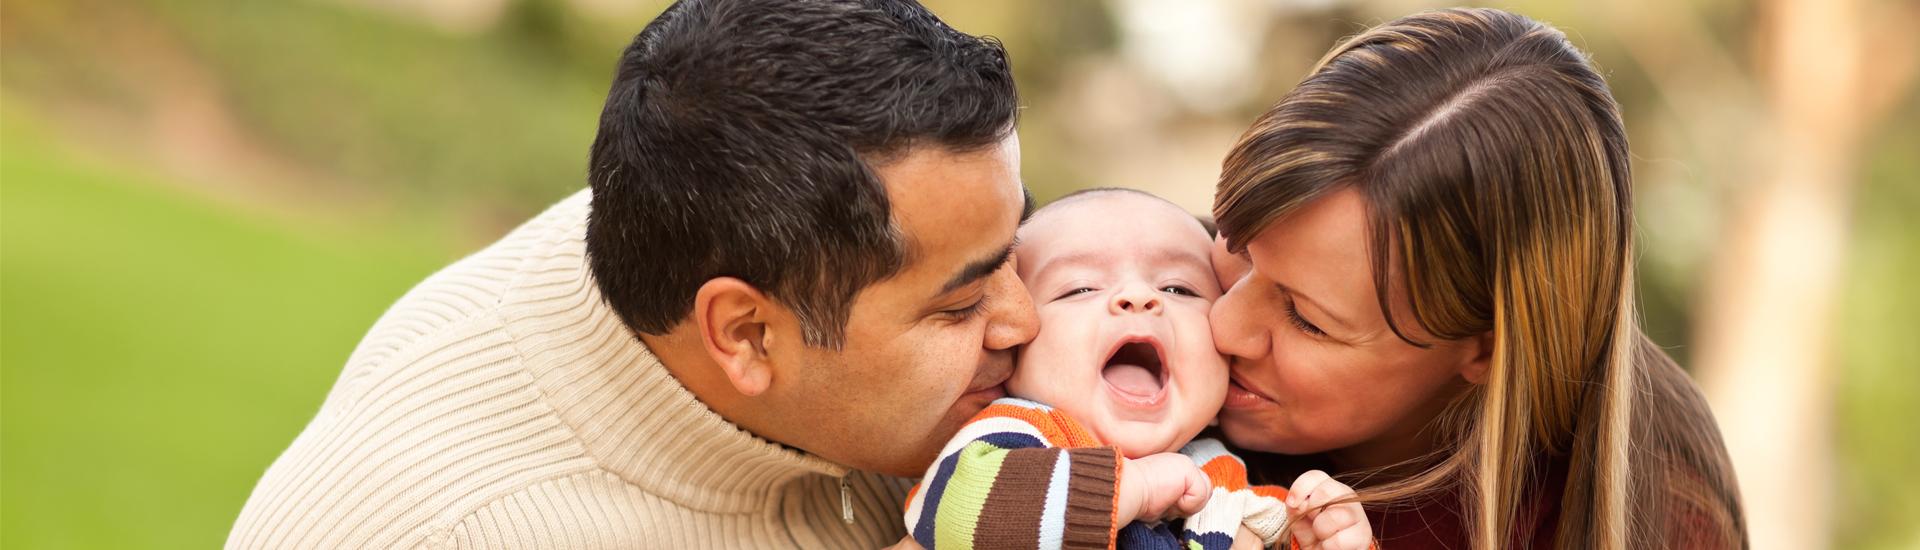 Aide à la famille - Soutien à la parentalité